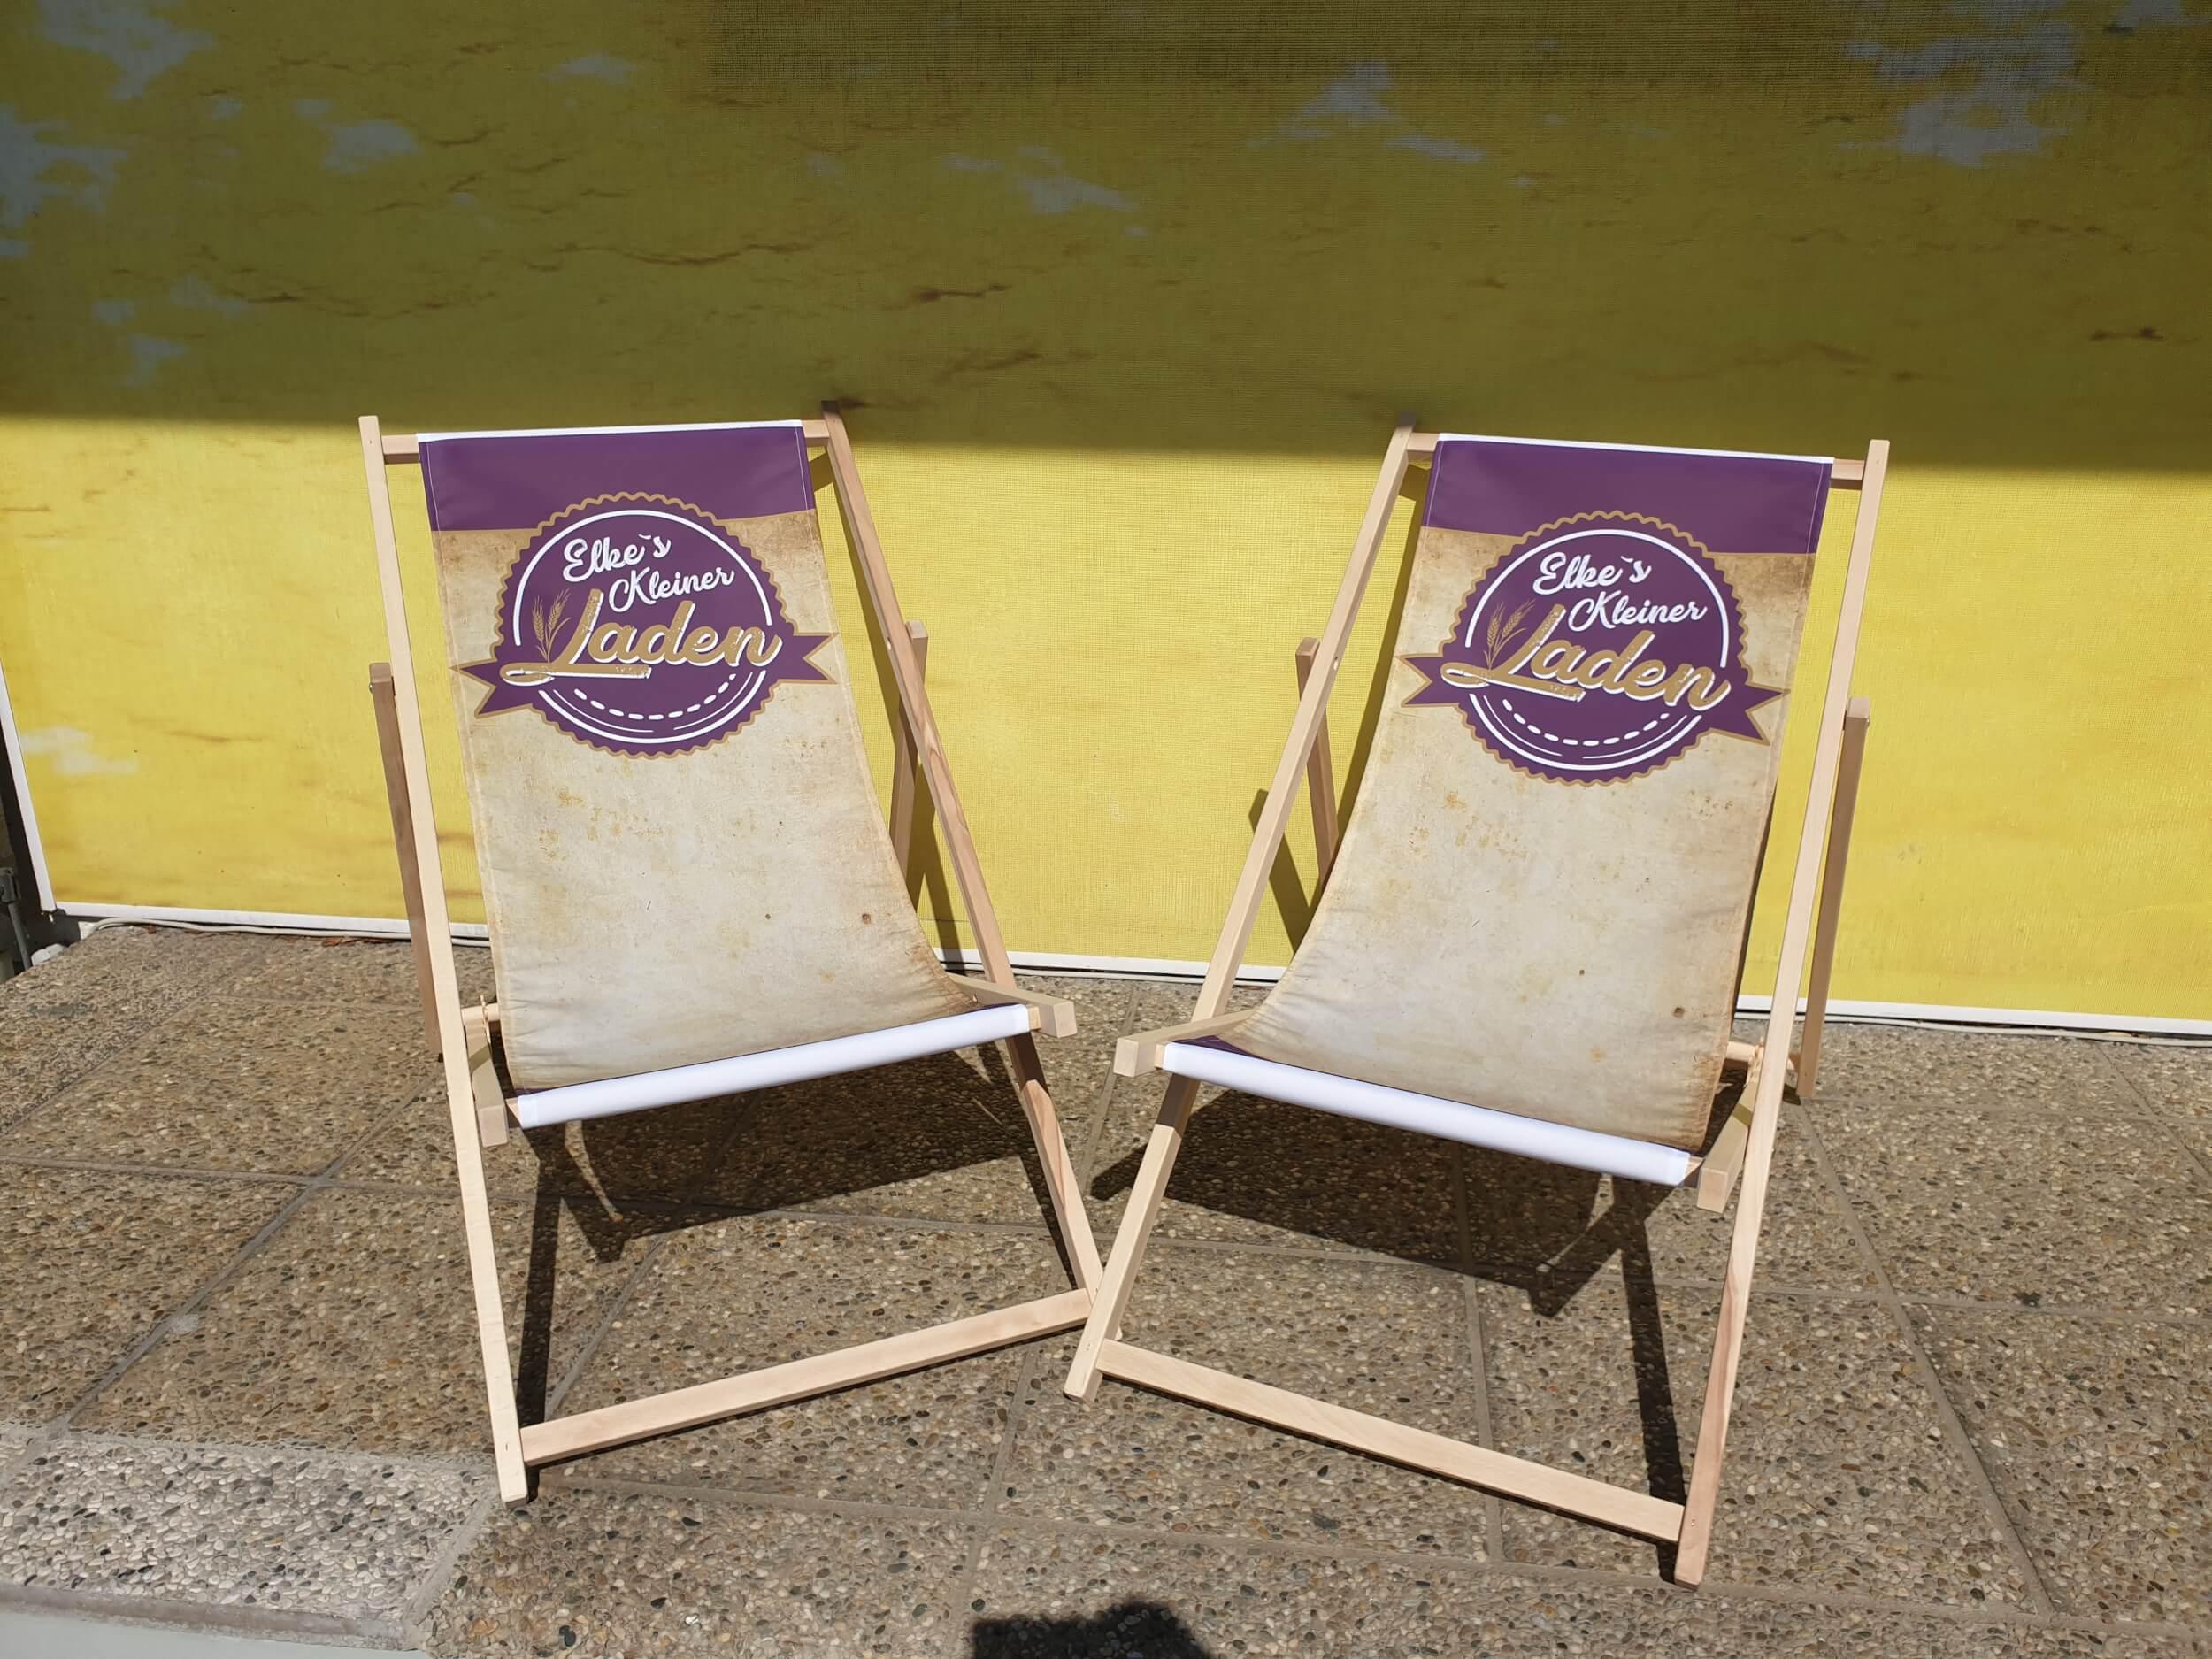 Liegestühle mit bedruckter Oberfläche